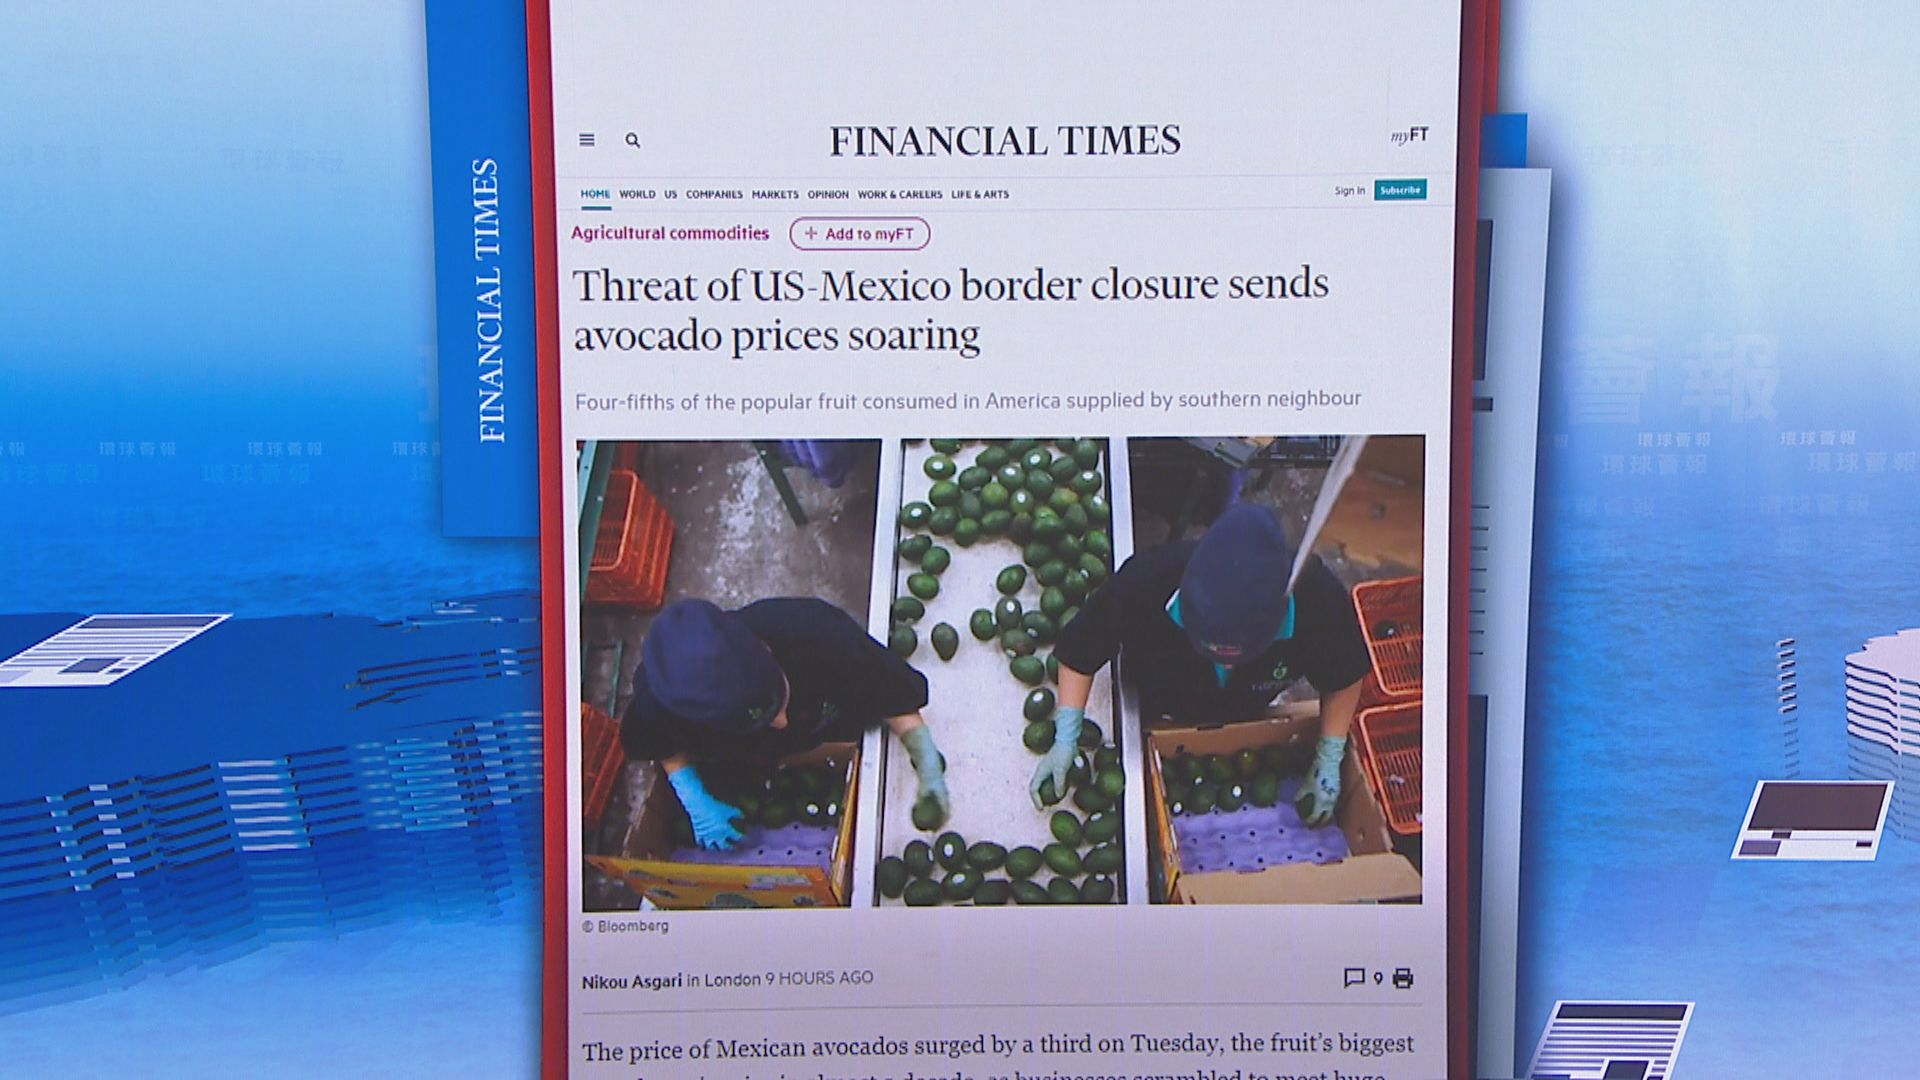 【環球薈報】恐關美墨邊境商戶囤貨致牛油果價格飆升